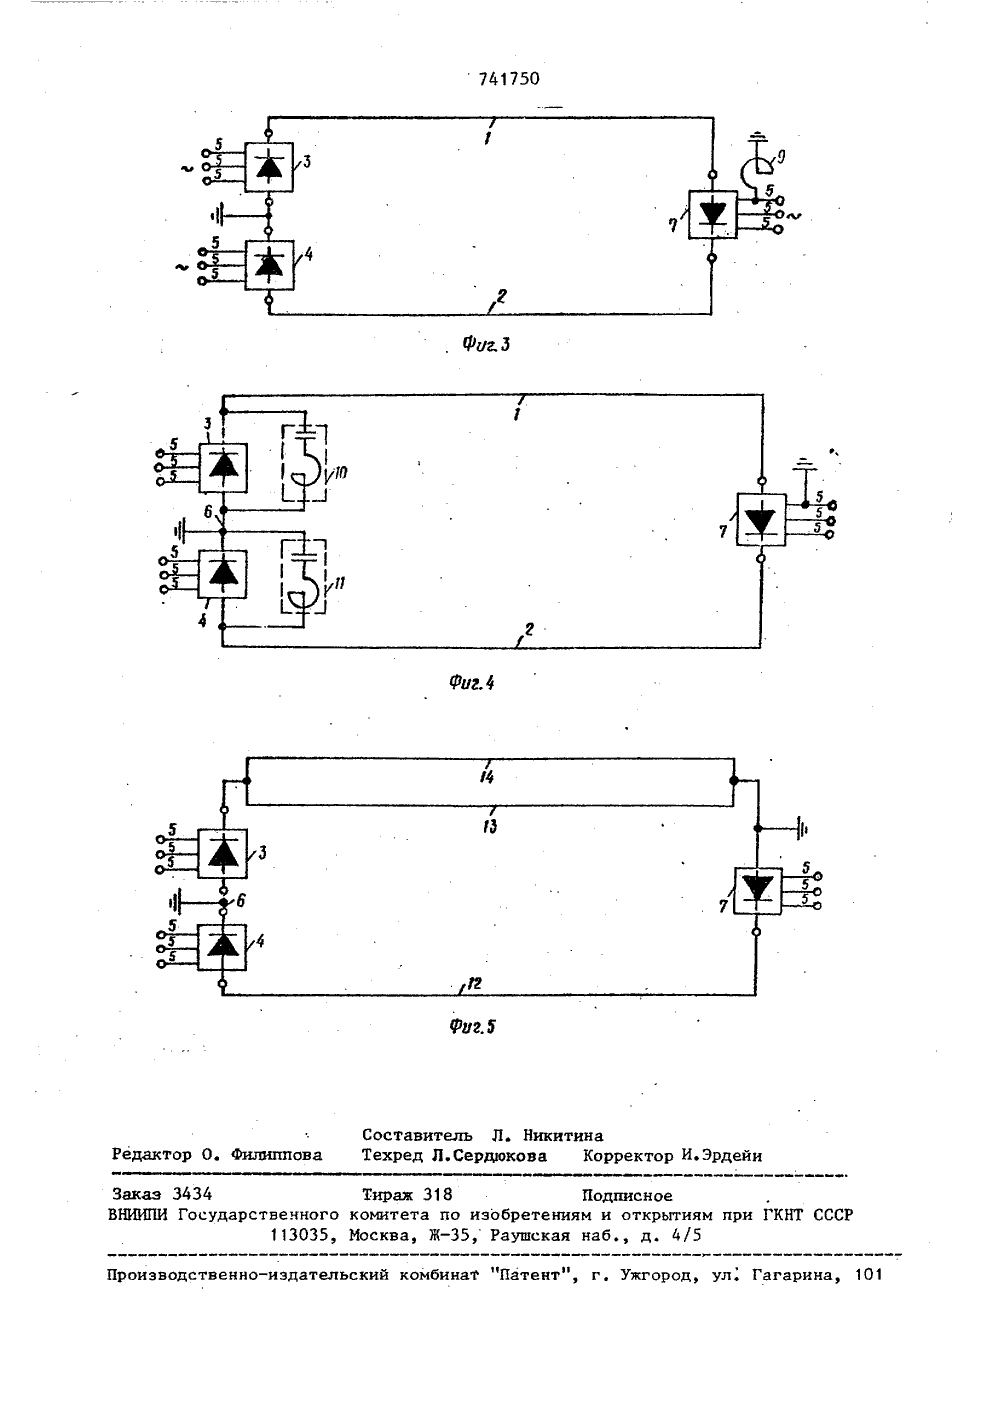 Указания по проектированию схем и устройств плавки гололеда на